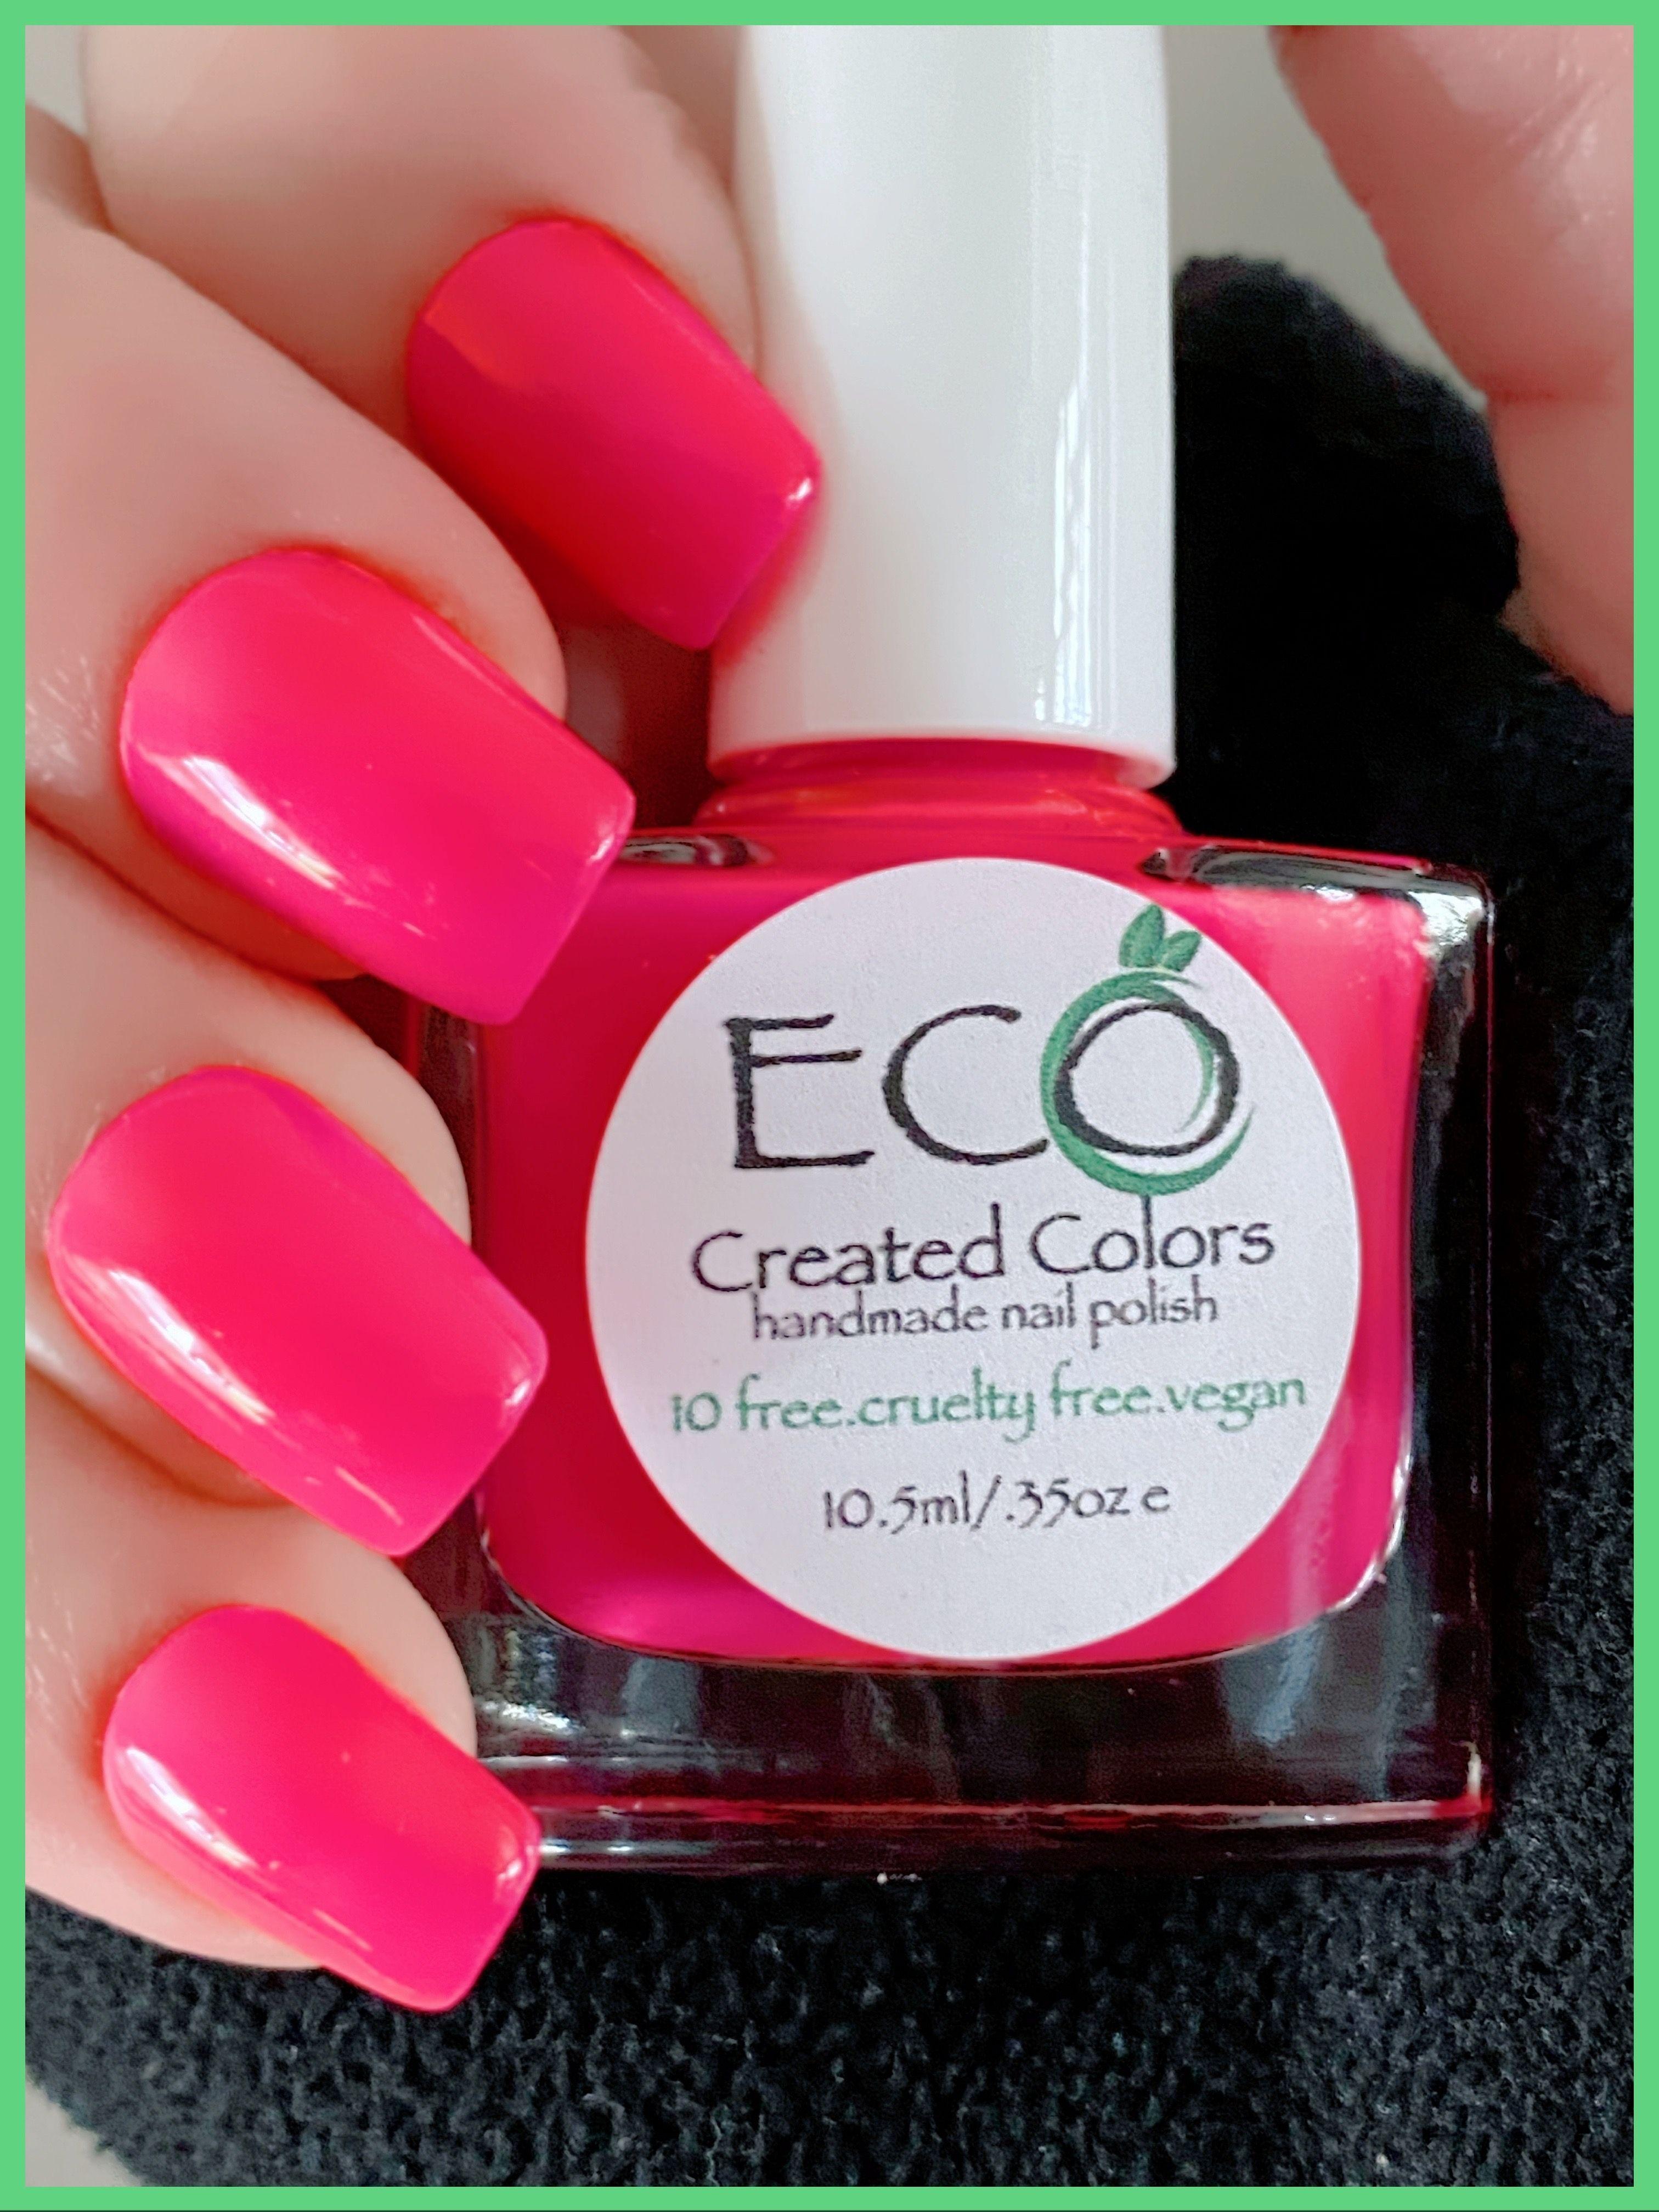 Pink Nail Polish Nail Lacquer 10 Free Nail Polish Vegan Etsy Nail Polish Free Nail Polish Pink Nail Polish